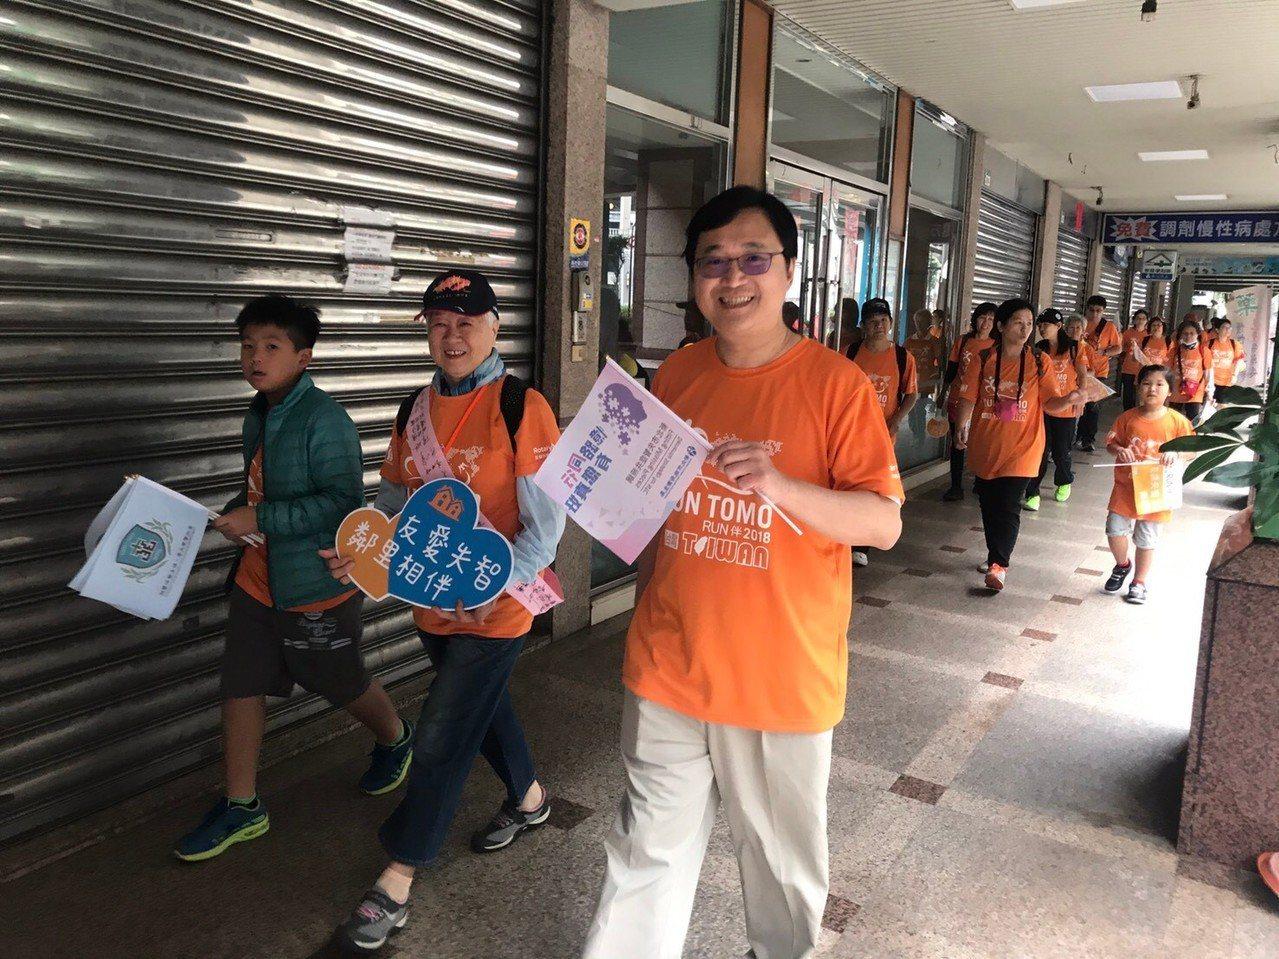 今年台灣居家服務策略聯盟辦「Run伴Taiwan」全國伴走,其中新北市府攜手失智...